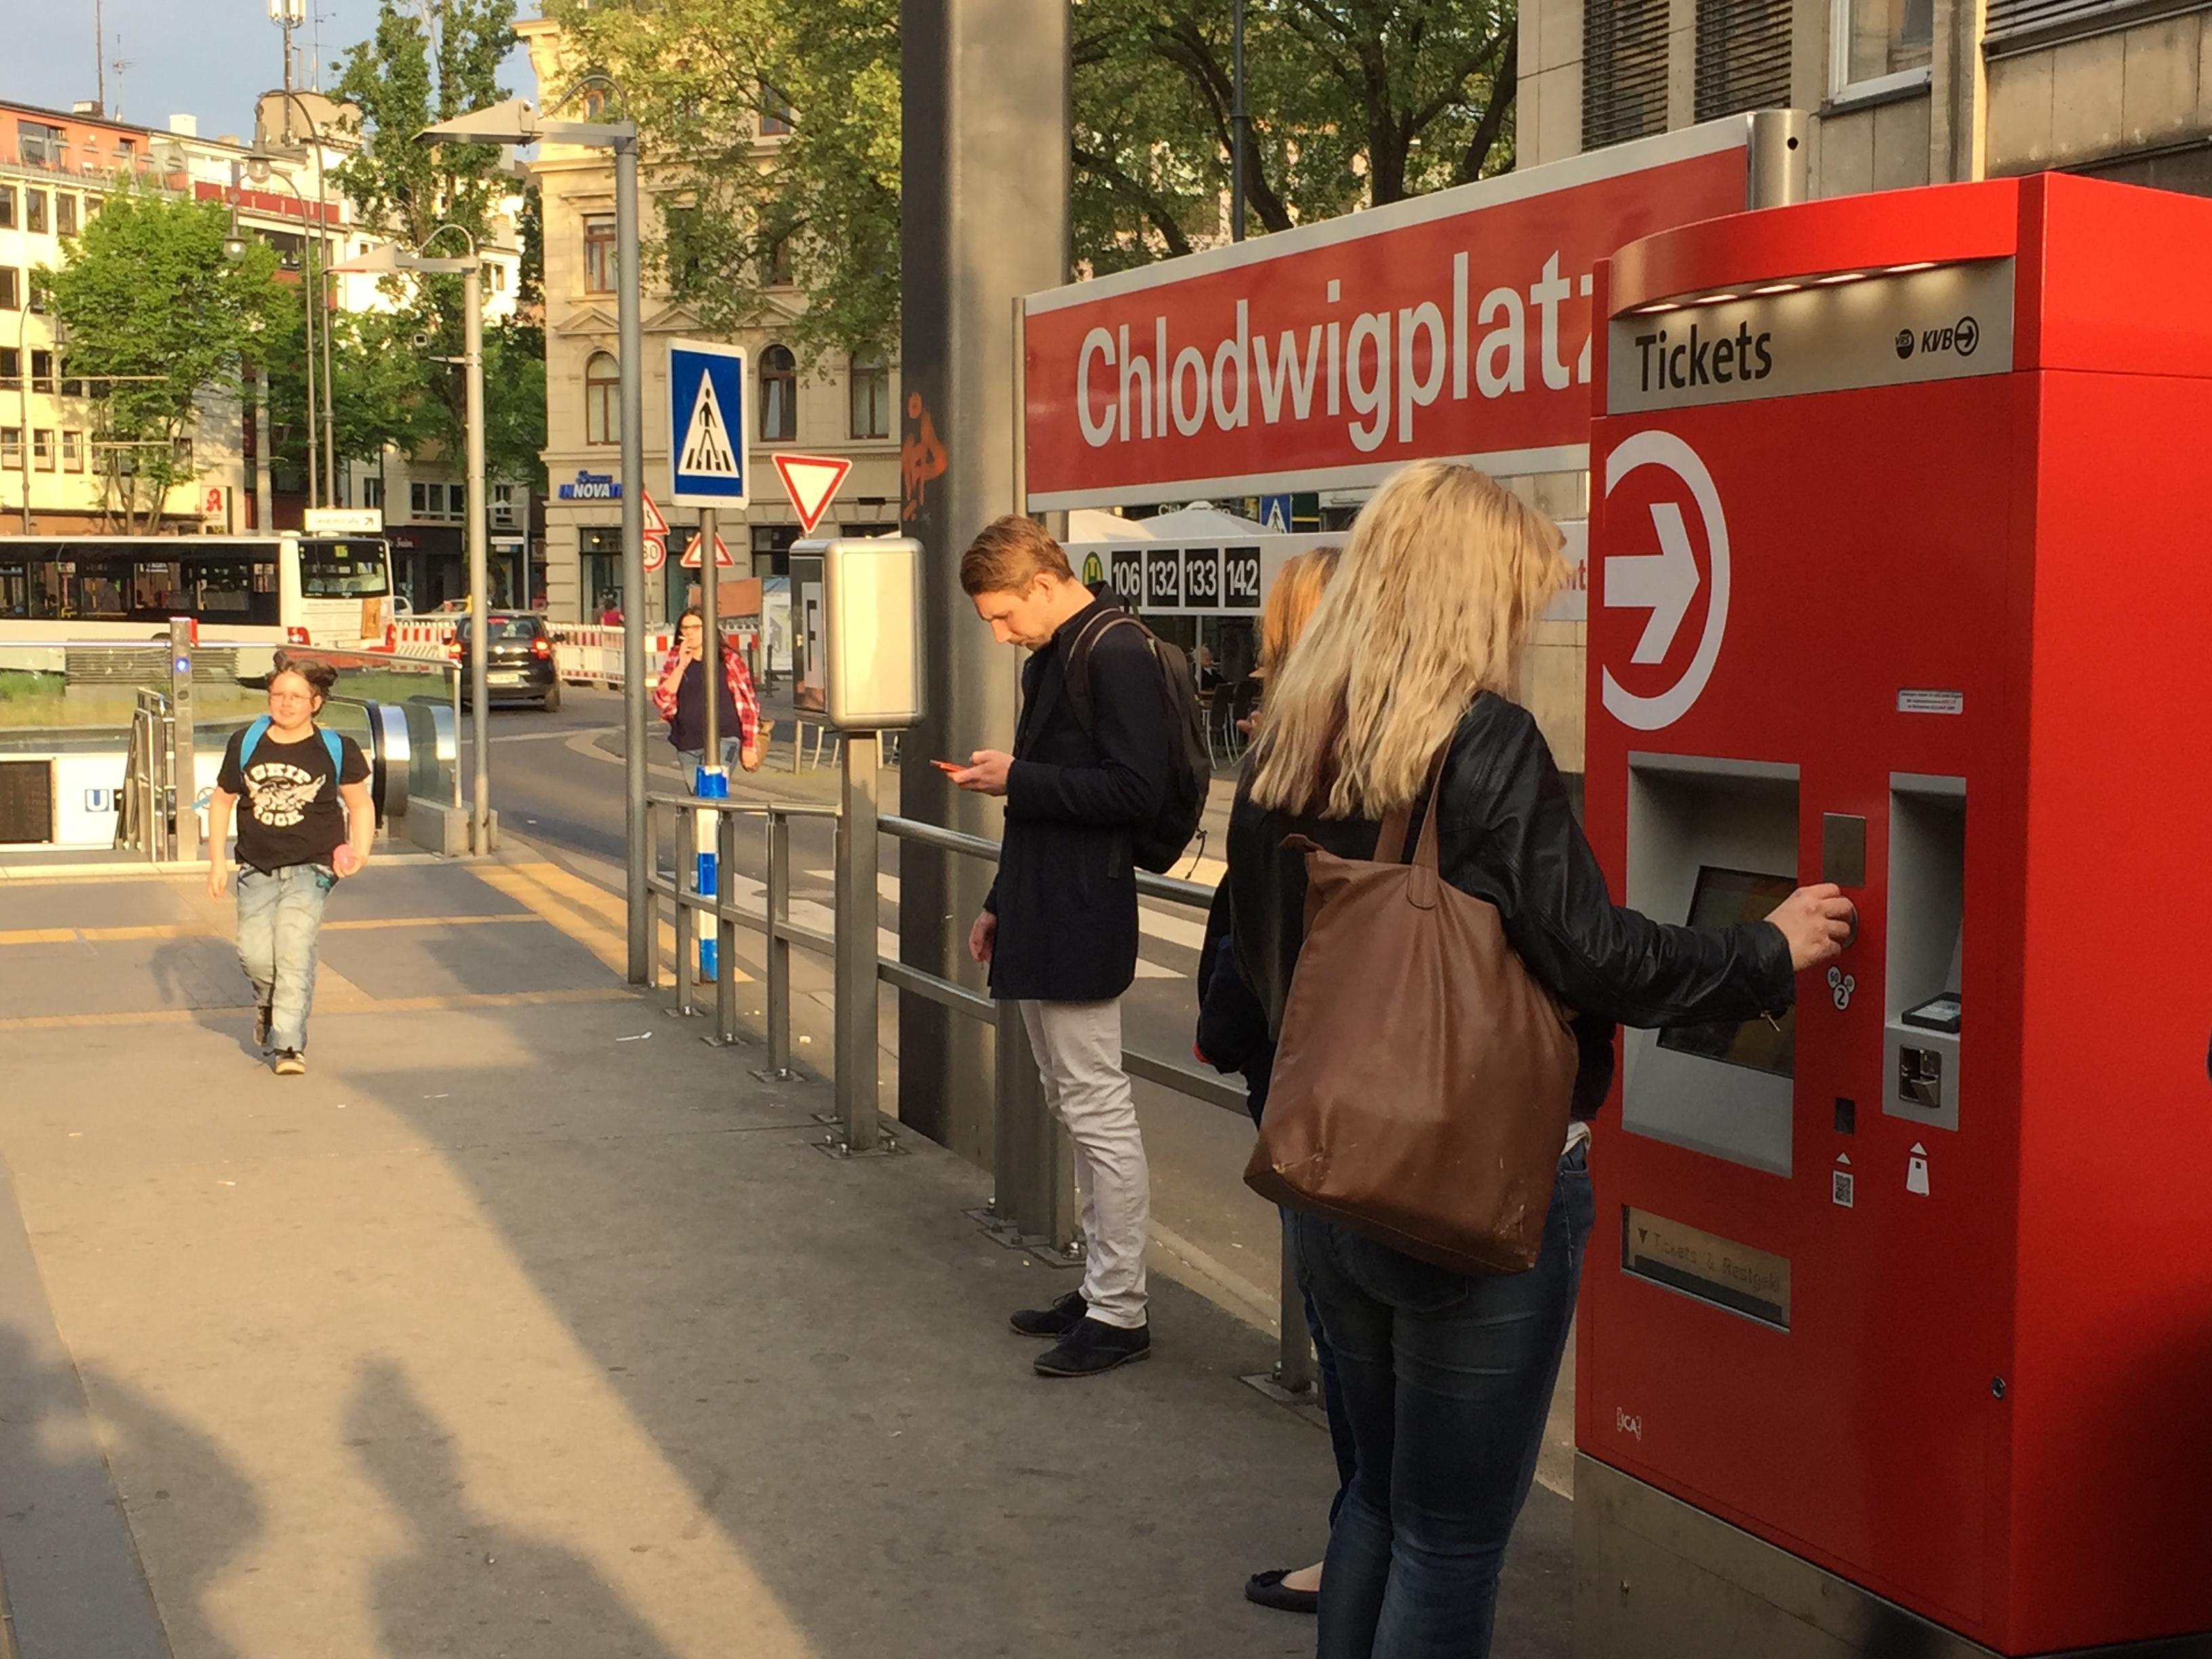 An Ticketautomaten machen Menschen, die den ÖPNV ausprobieren, eine ihrer ersten Erfahrungen.